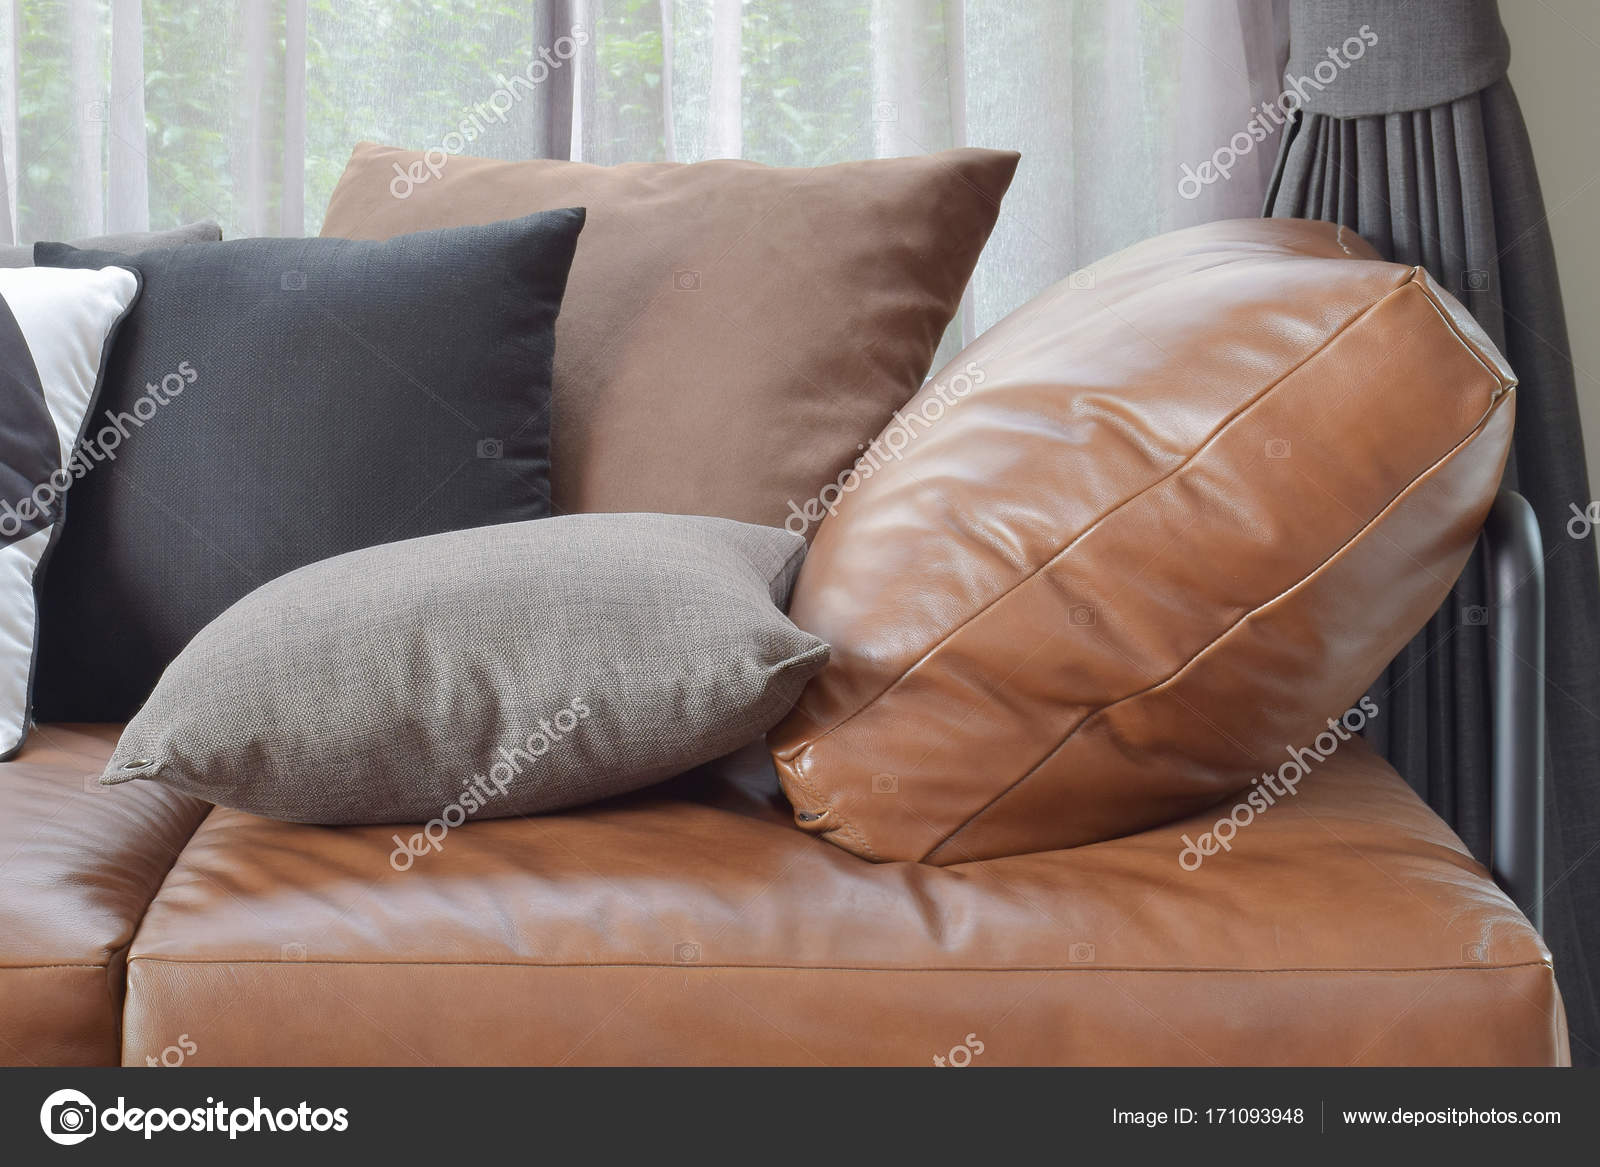 T Braun Leder Sofa Bett Mit Variiert Kissen Farbe Und Größe U2014 Stockfoto